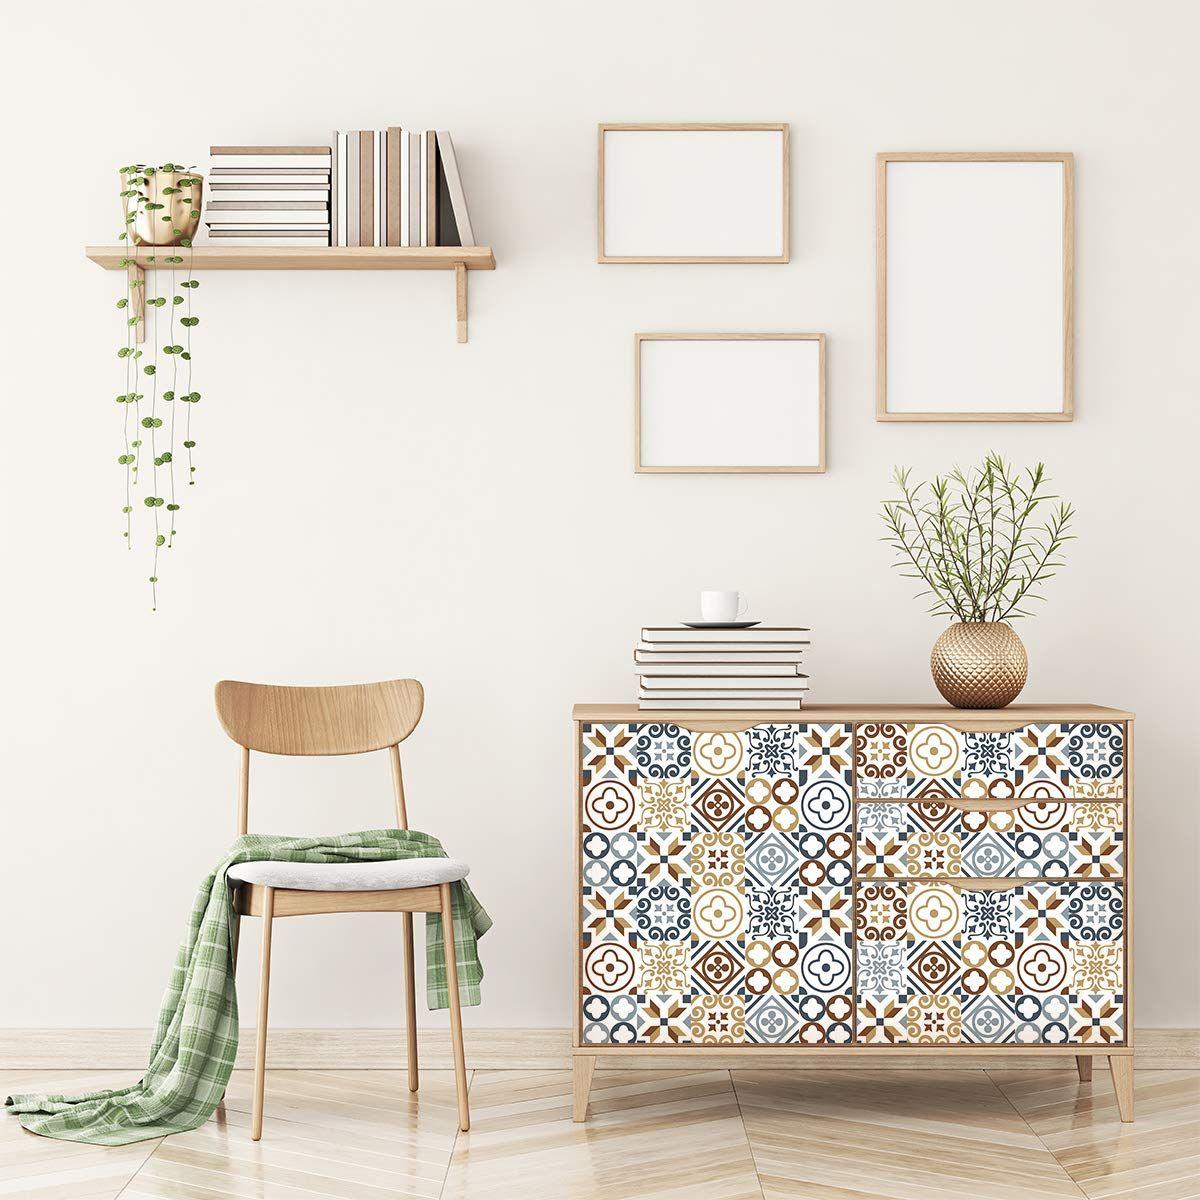 Naklejka na meble, samoprzylepna, płytki cementowe, dekoracja na stół, szafy, regały, 90 x 150 cm